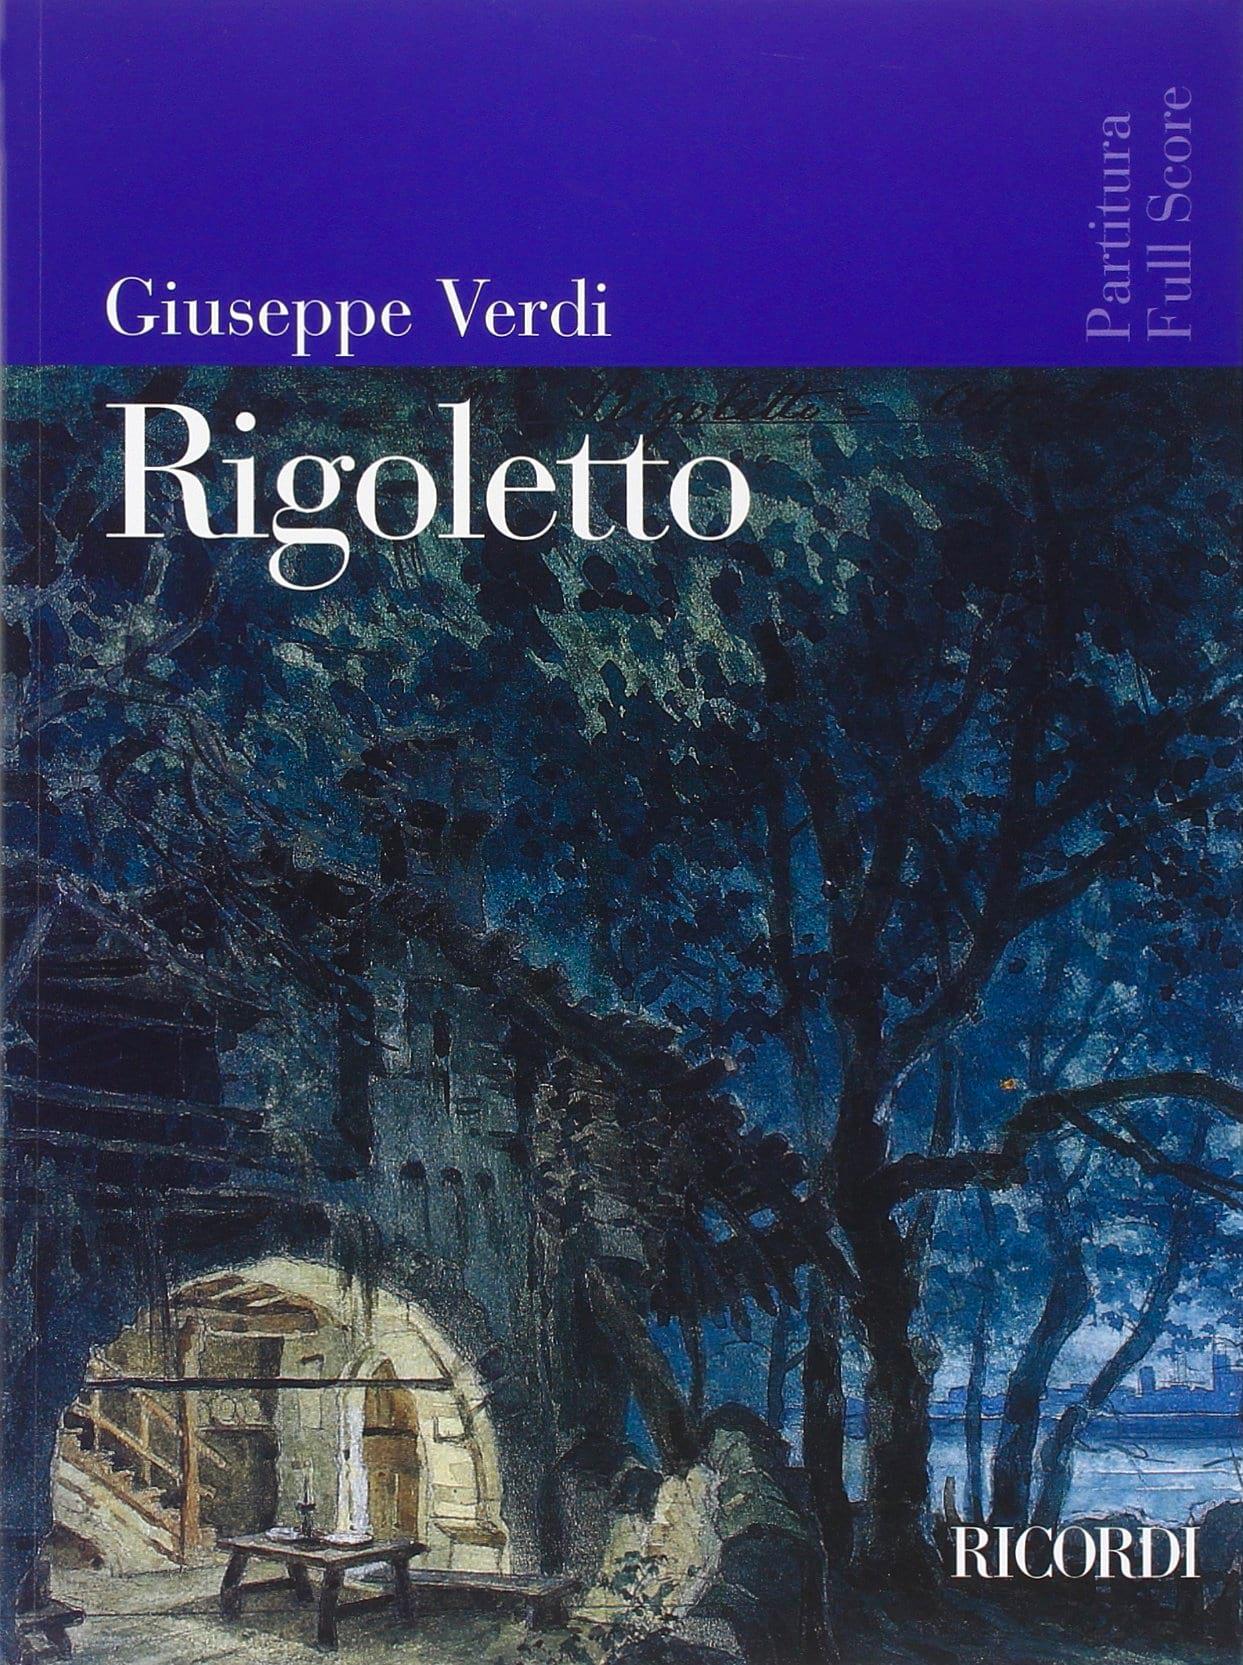 VERDI - Rigoletto new edition - Partitura - Partition - di-arezzo.co.uk